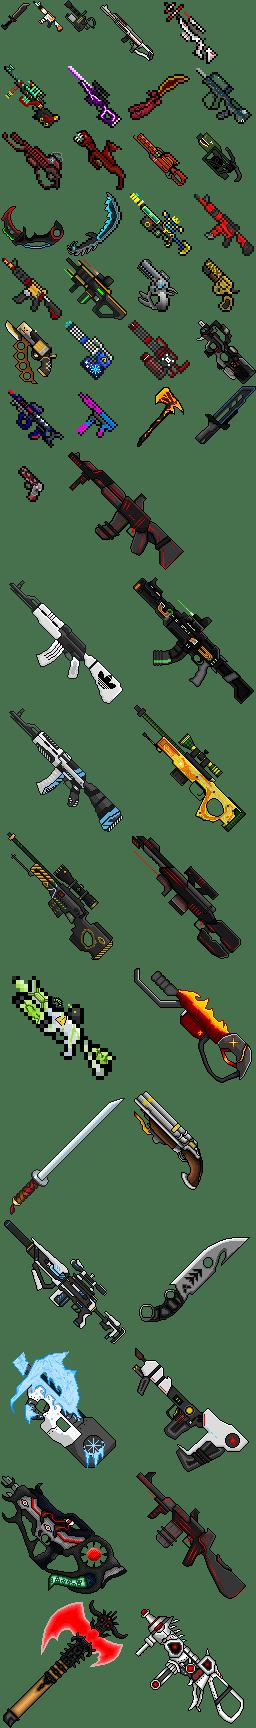 Список оружия